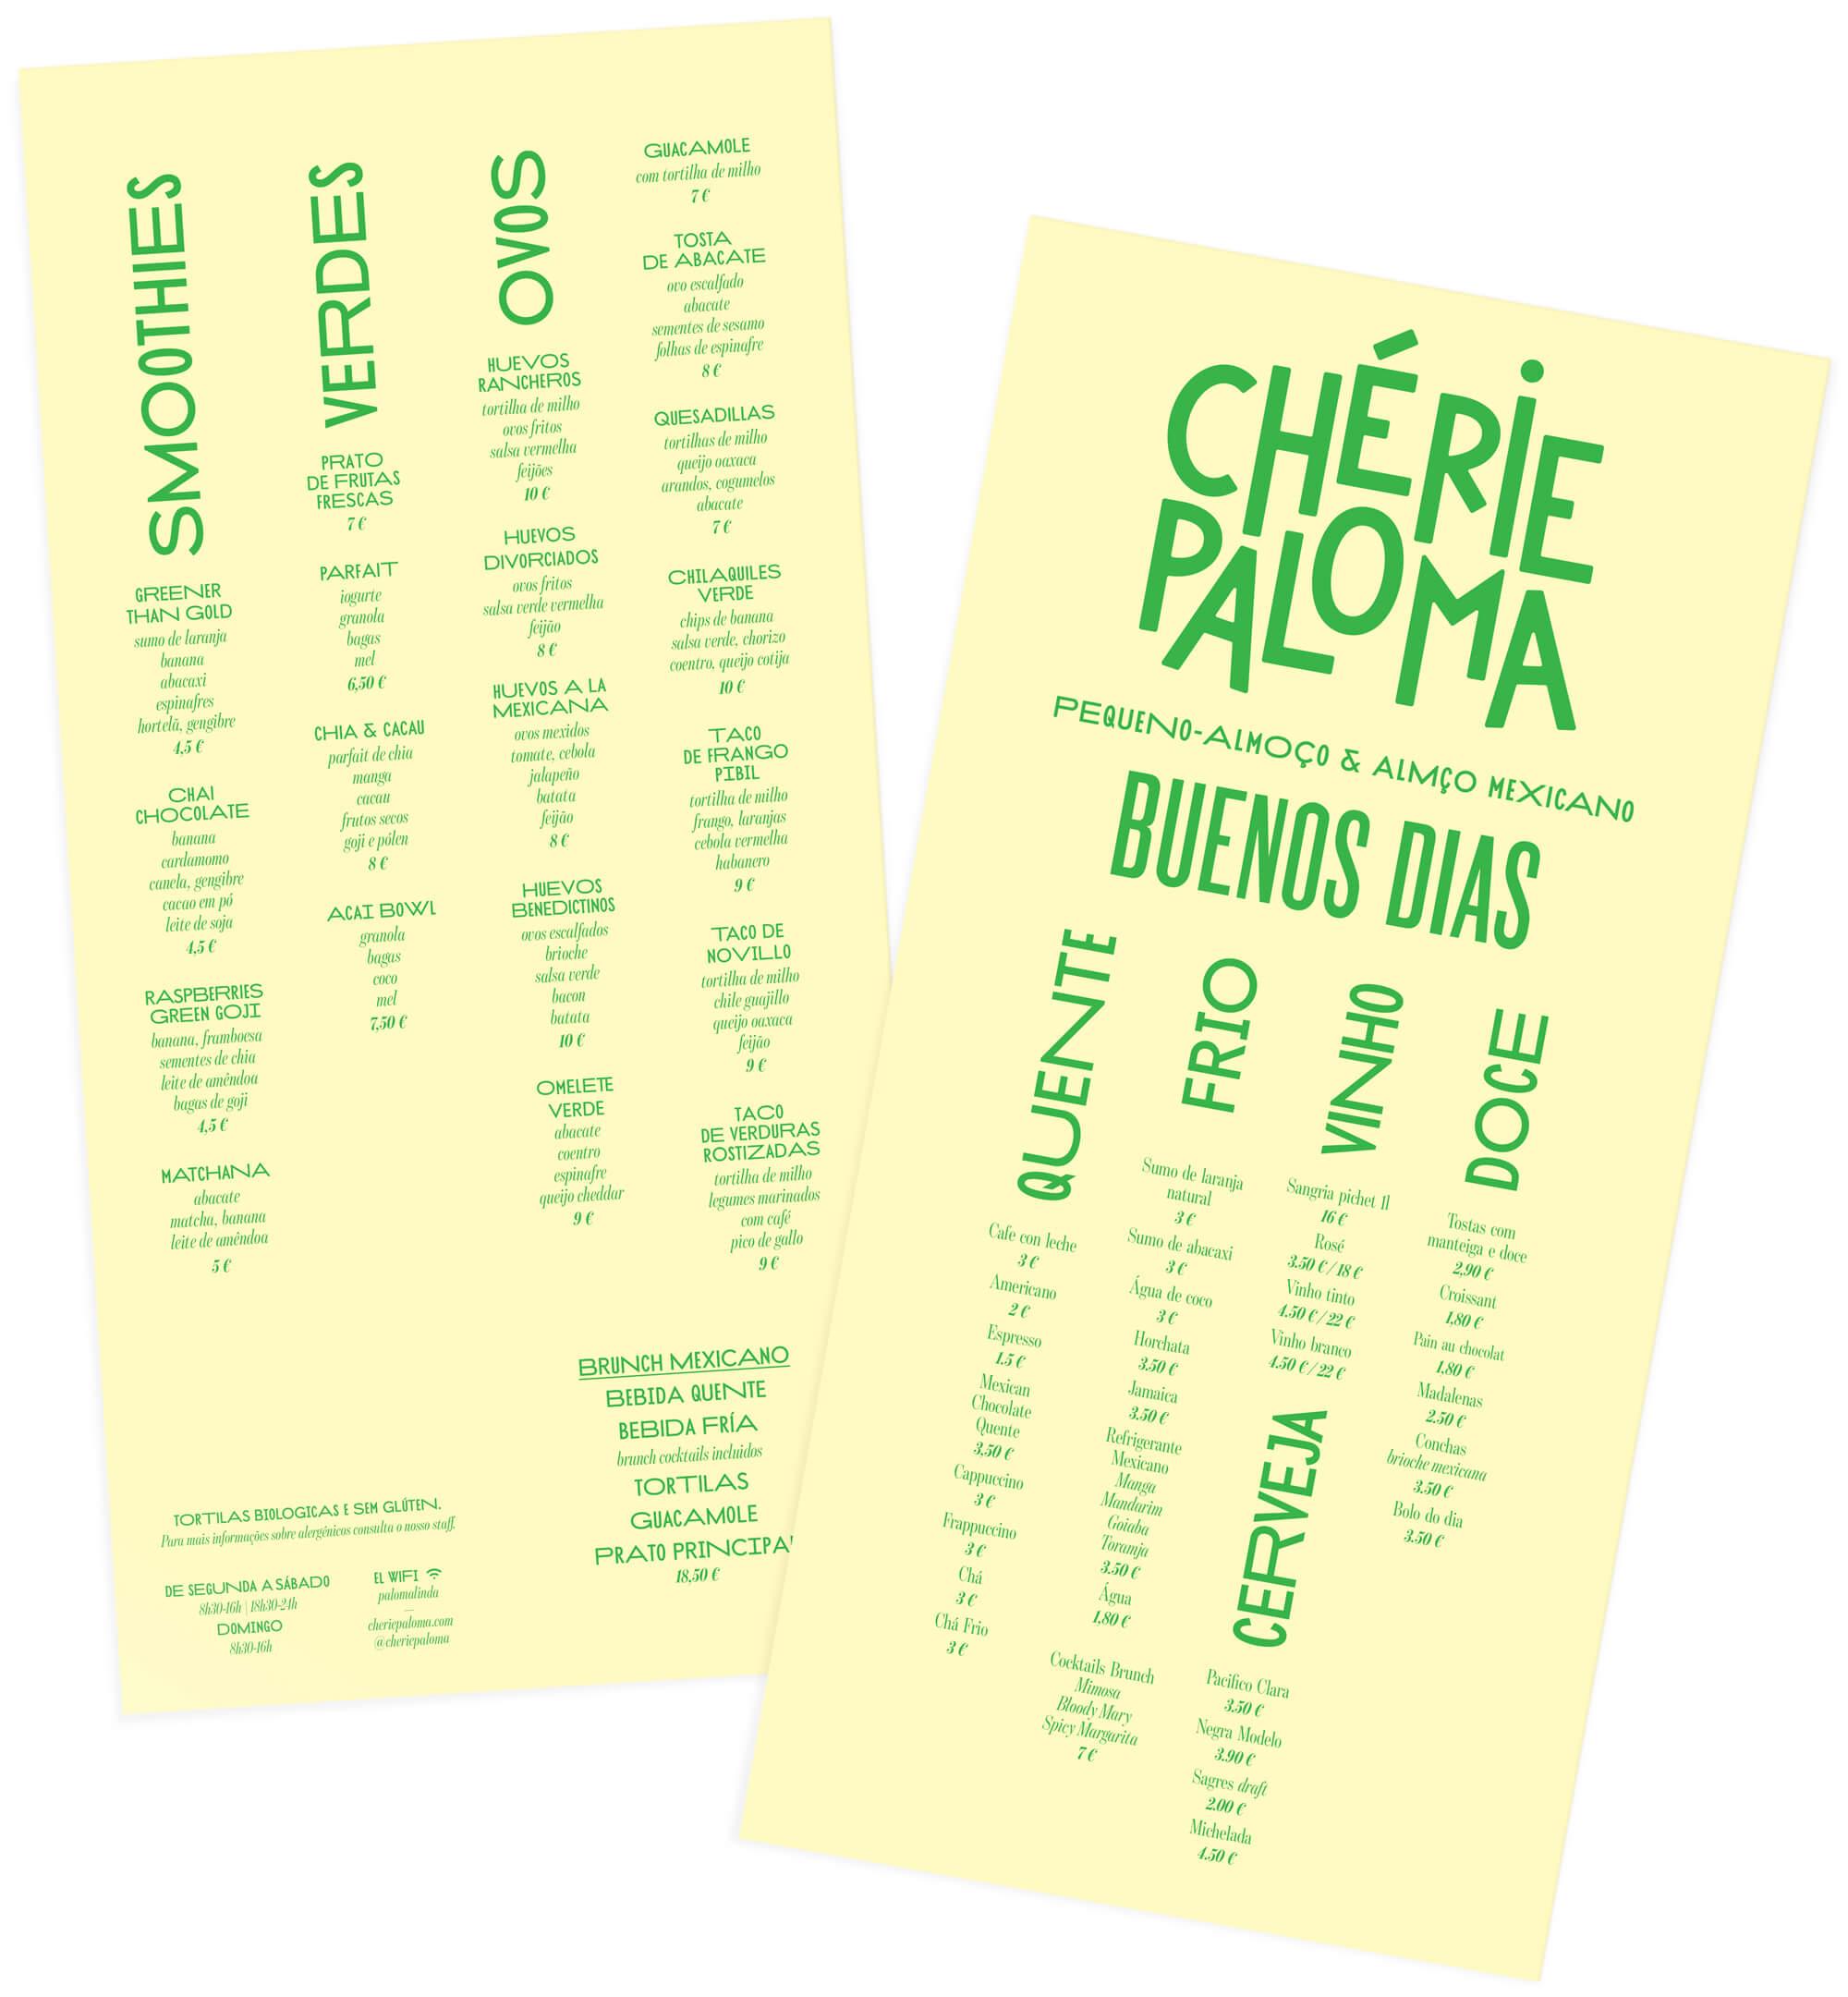 menu sur papier jaune et imprimé en vert cactus par Ich&Kar pour le restaurant portuguais Chérie Paloma